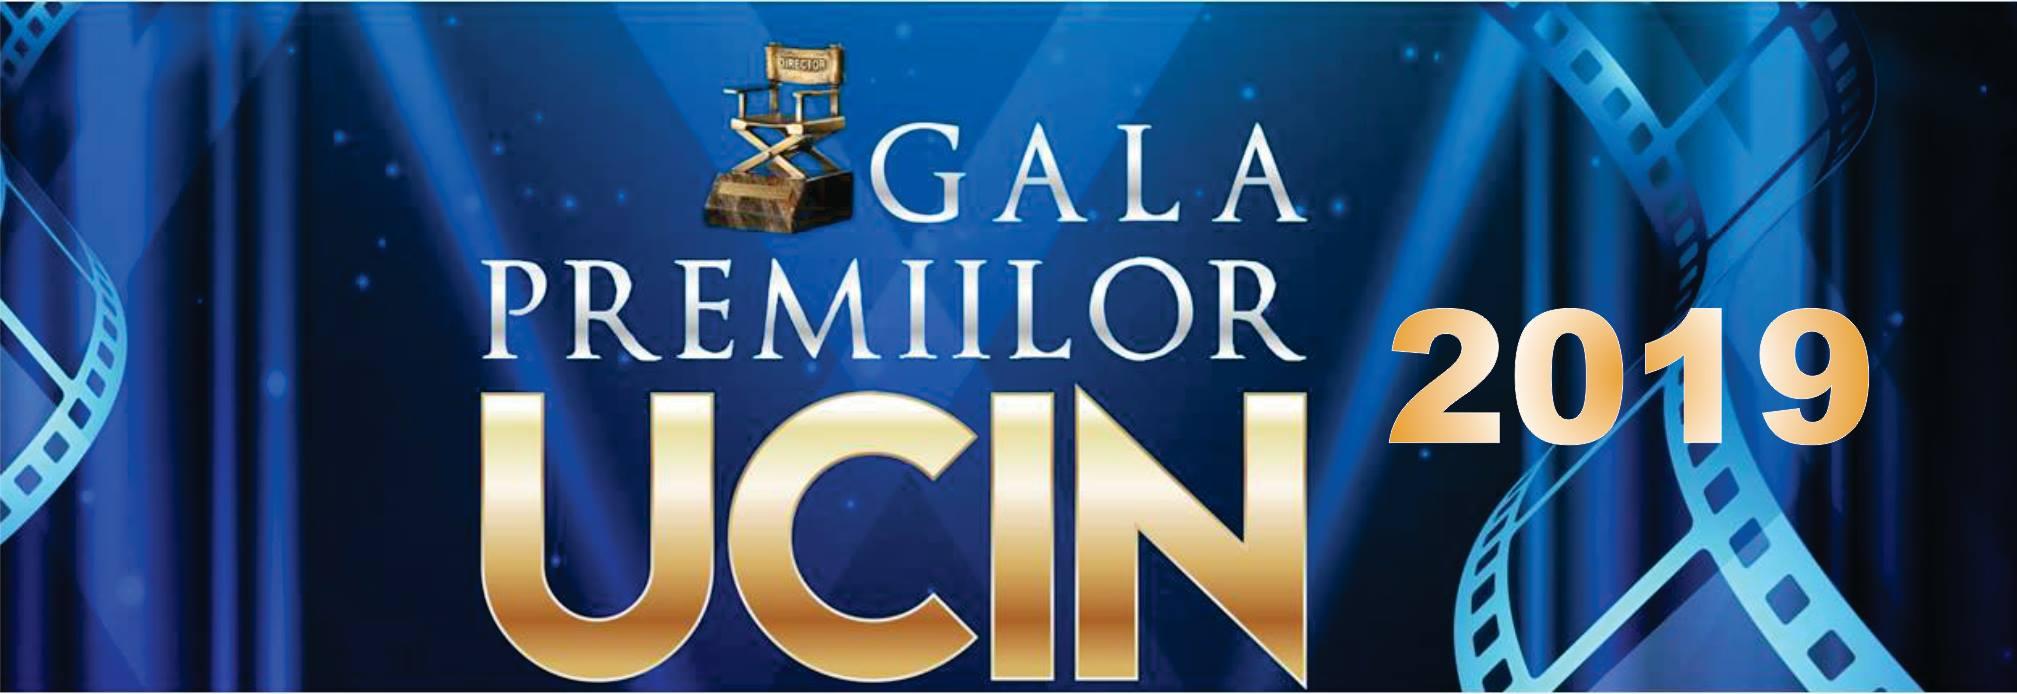 Cea de-a 47-a editie a Galei UCIN va avea loc pe 27 mai 2019, la Teatrul National Bucuresti